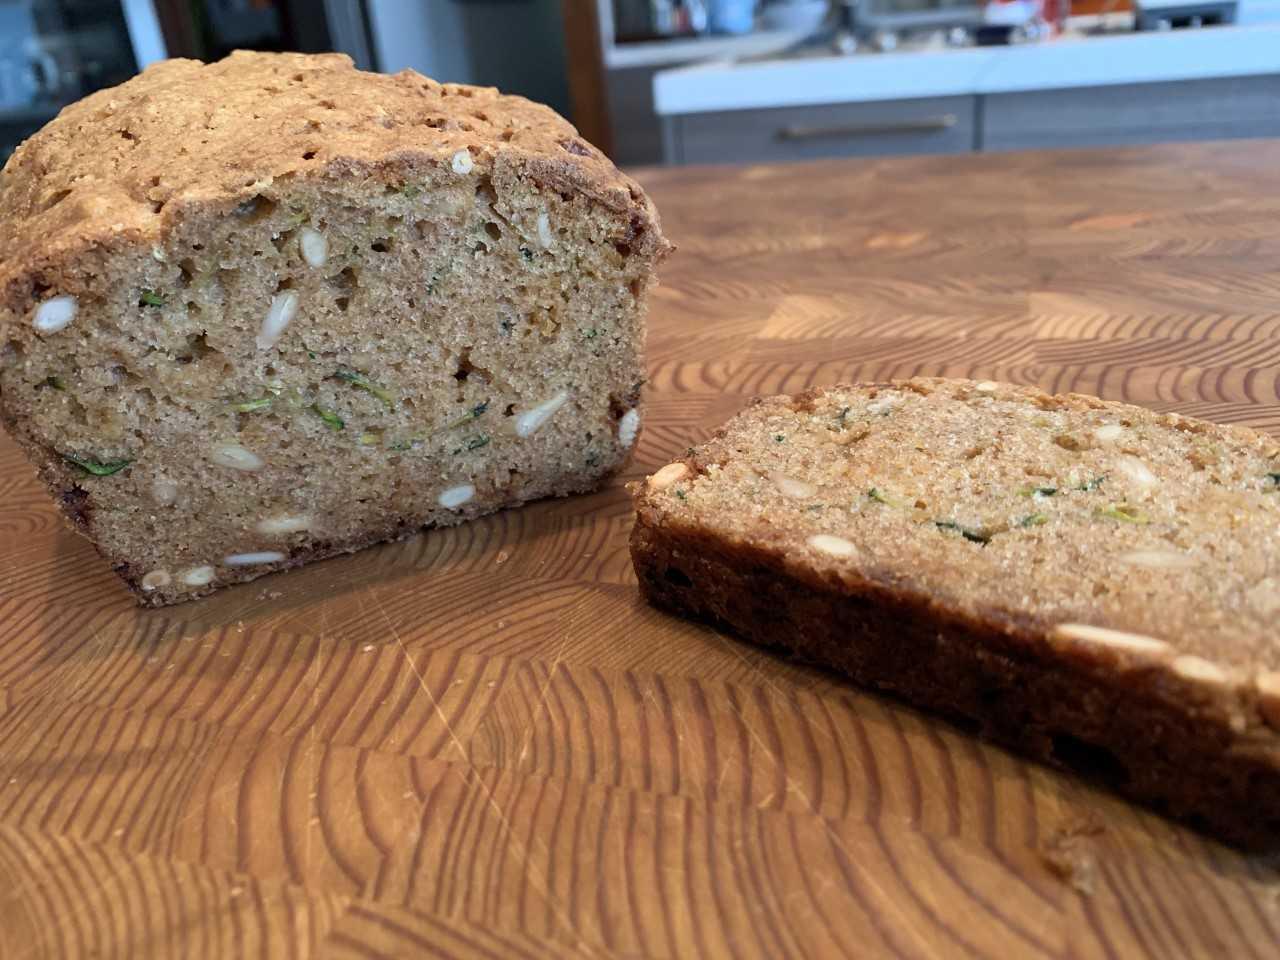 mr-zucchini-bread-image